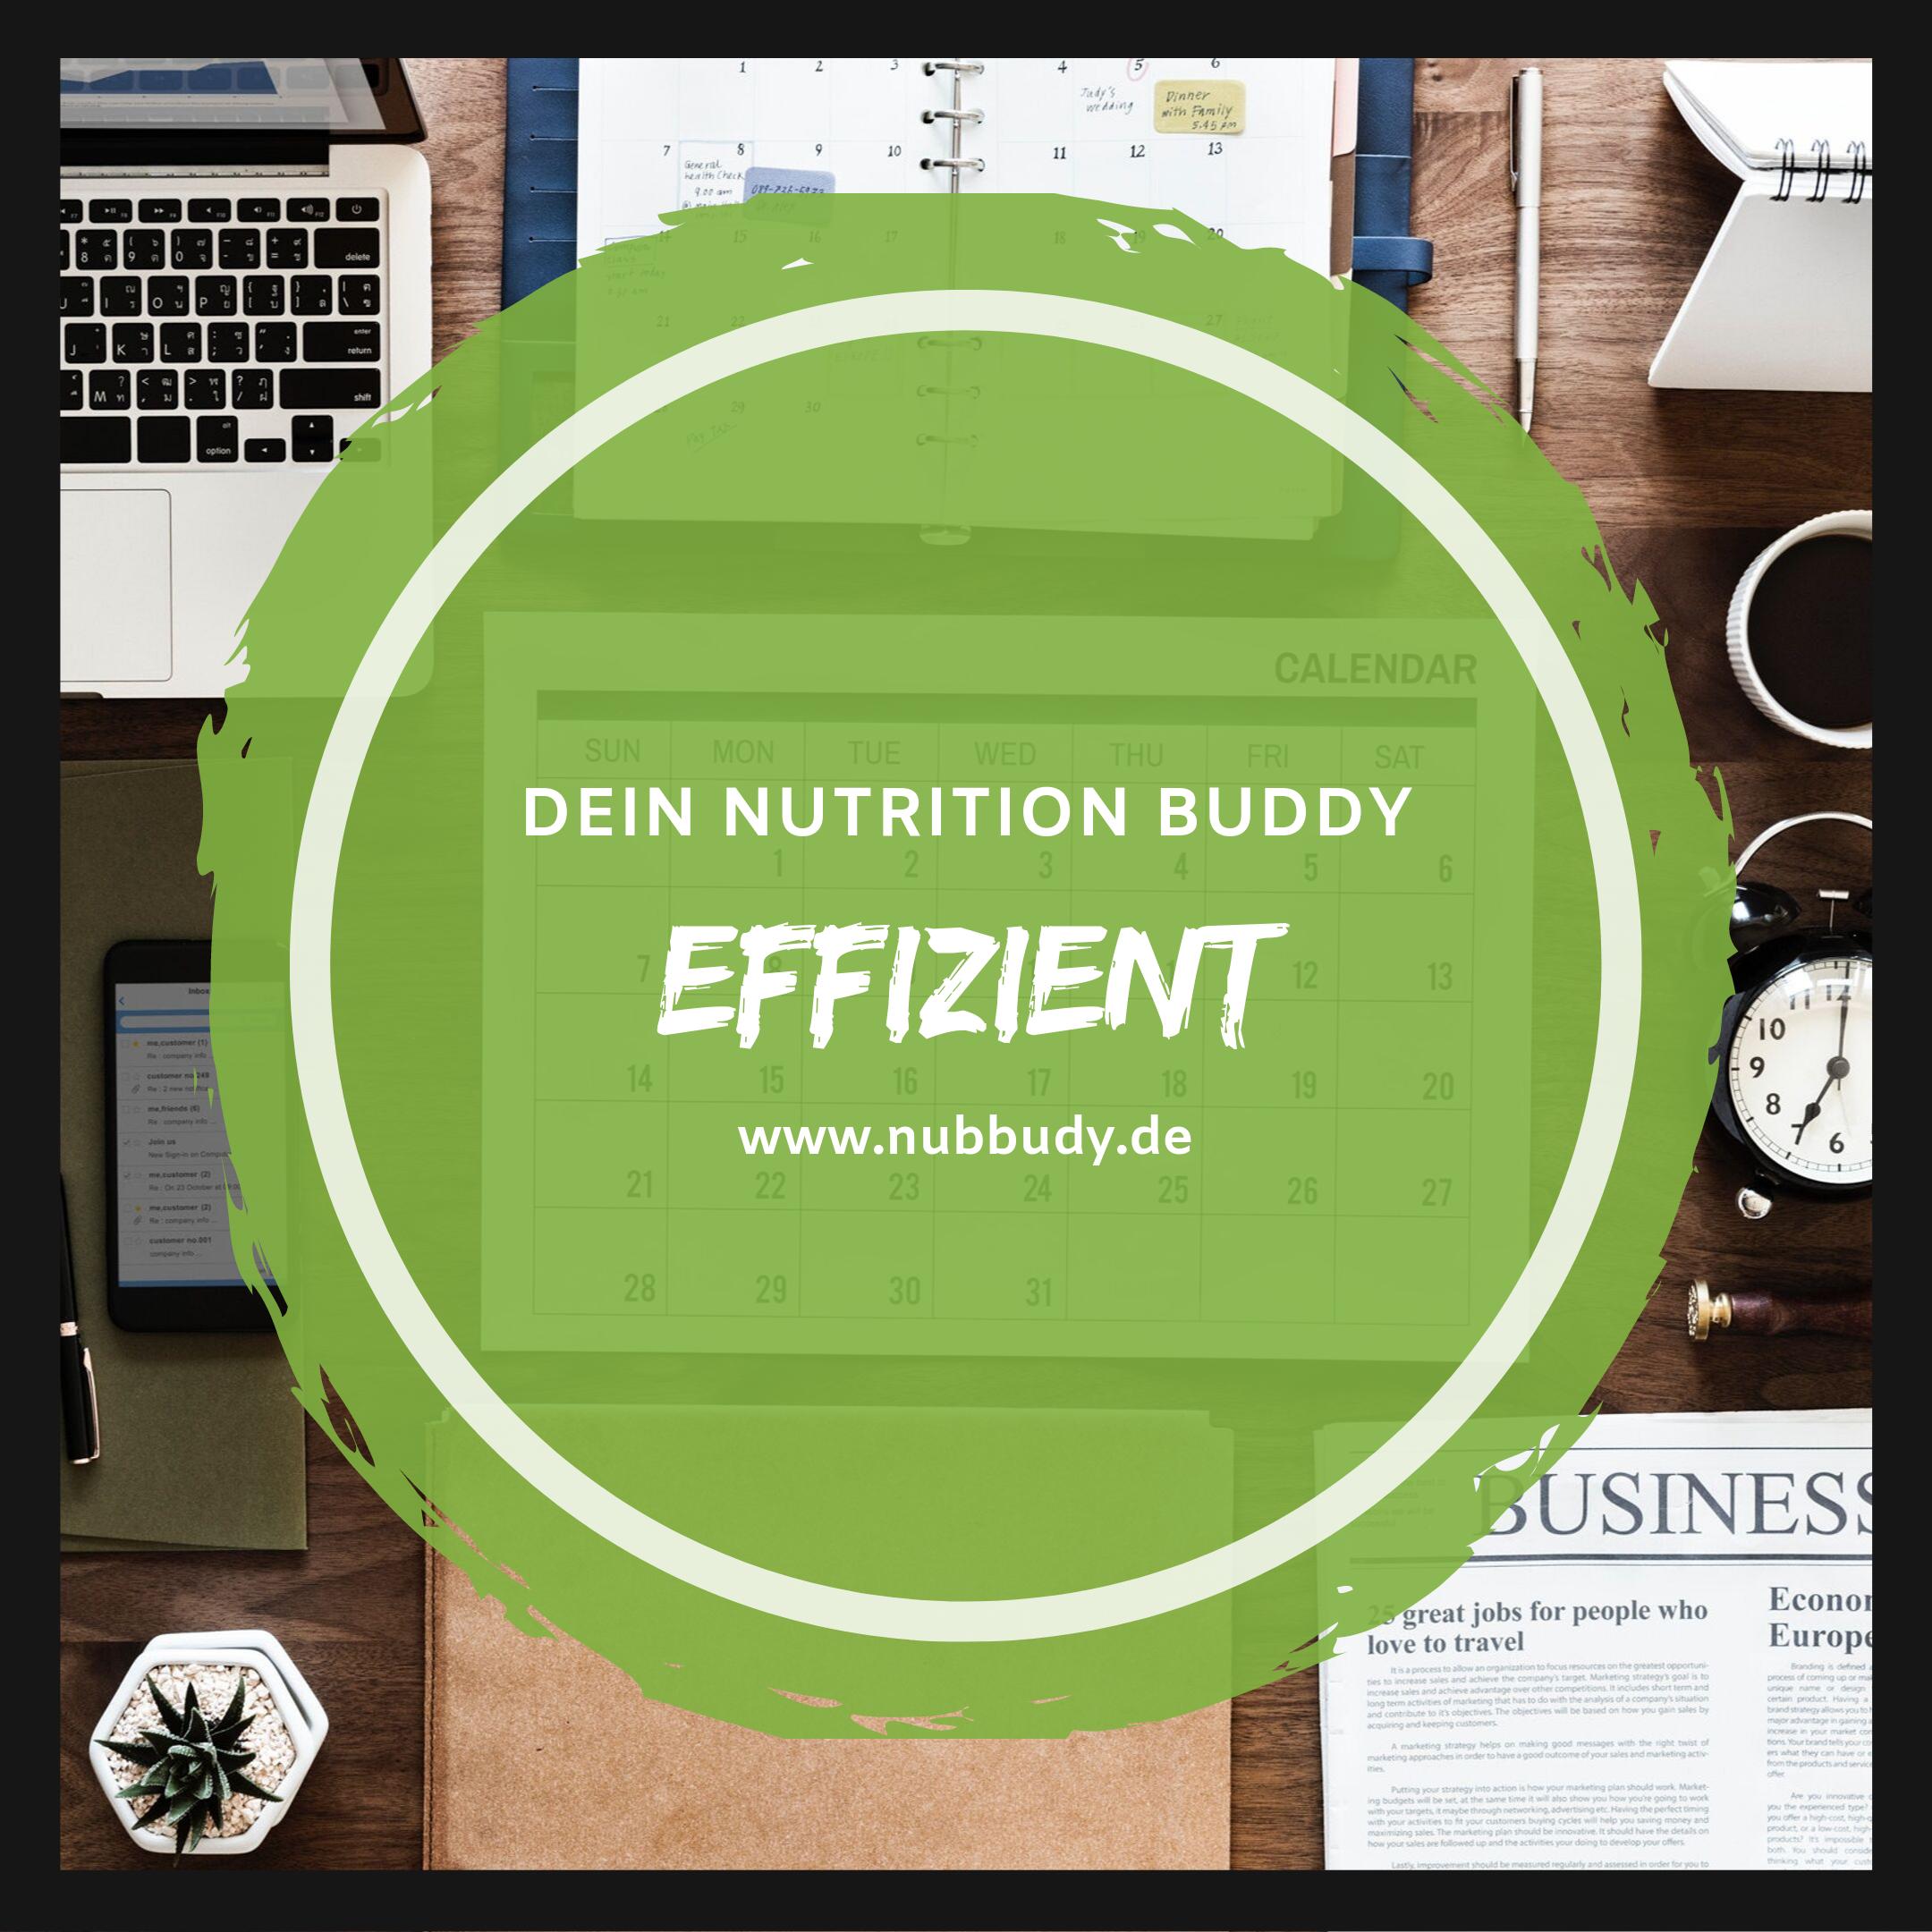 Nubuddy Nimmt Dir Viel Arbeit Ab Und Schenkt Dir Mehr Kostbare Zeit Effizient Nubuddy Zeigt Dir Wie Du Zeit Sparst Zum Bei Einkaufen Einkaufsliste Ernahrung